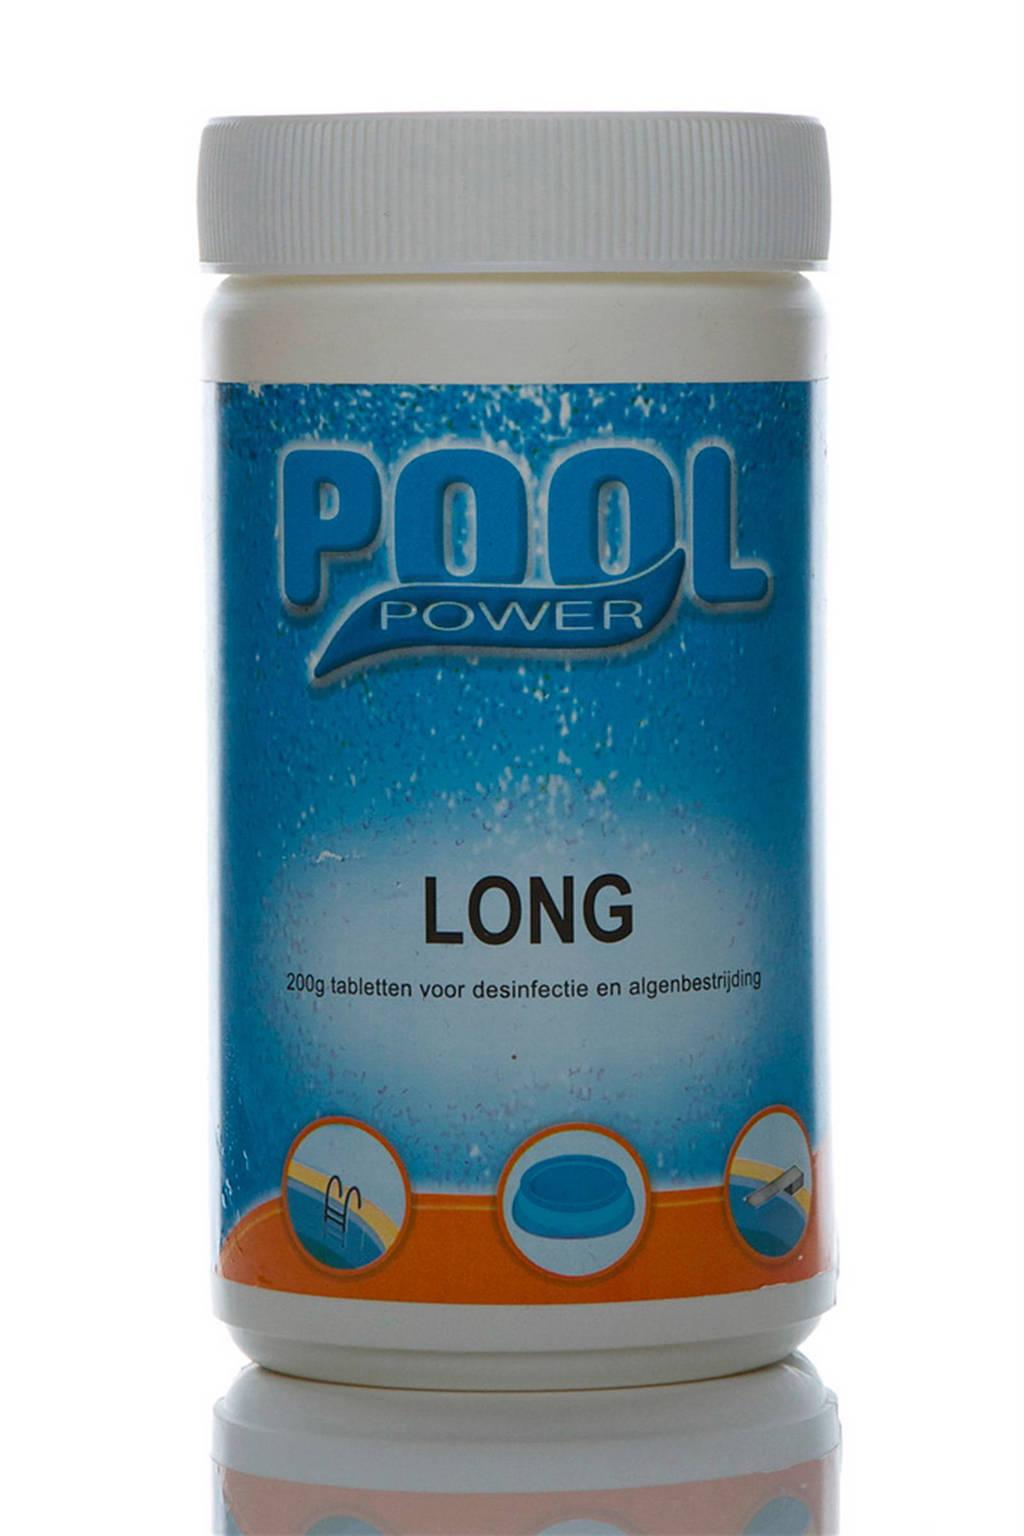 Pool power Long 200gr. desinfectie tabletten